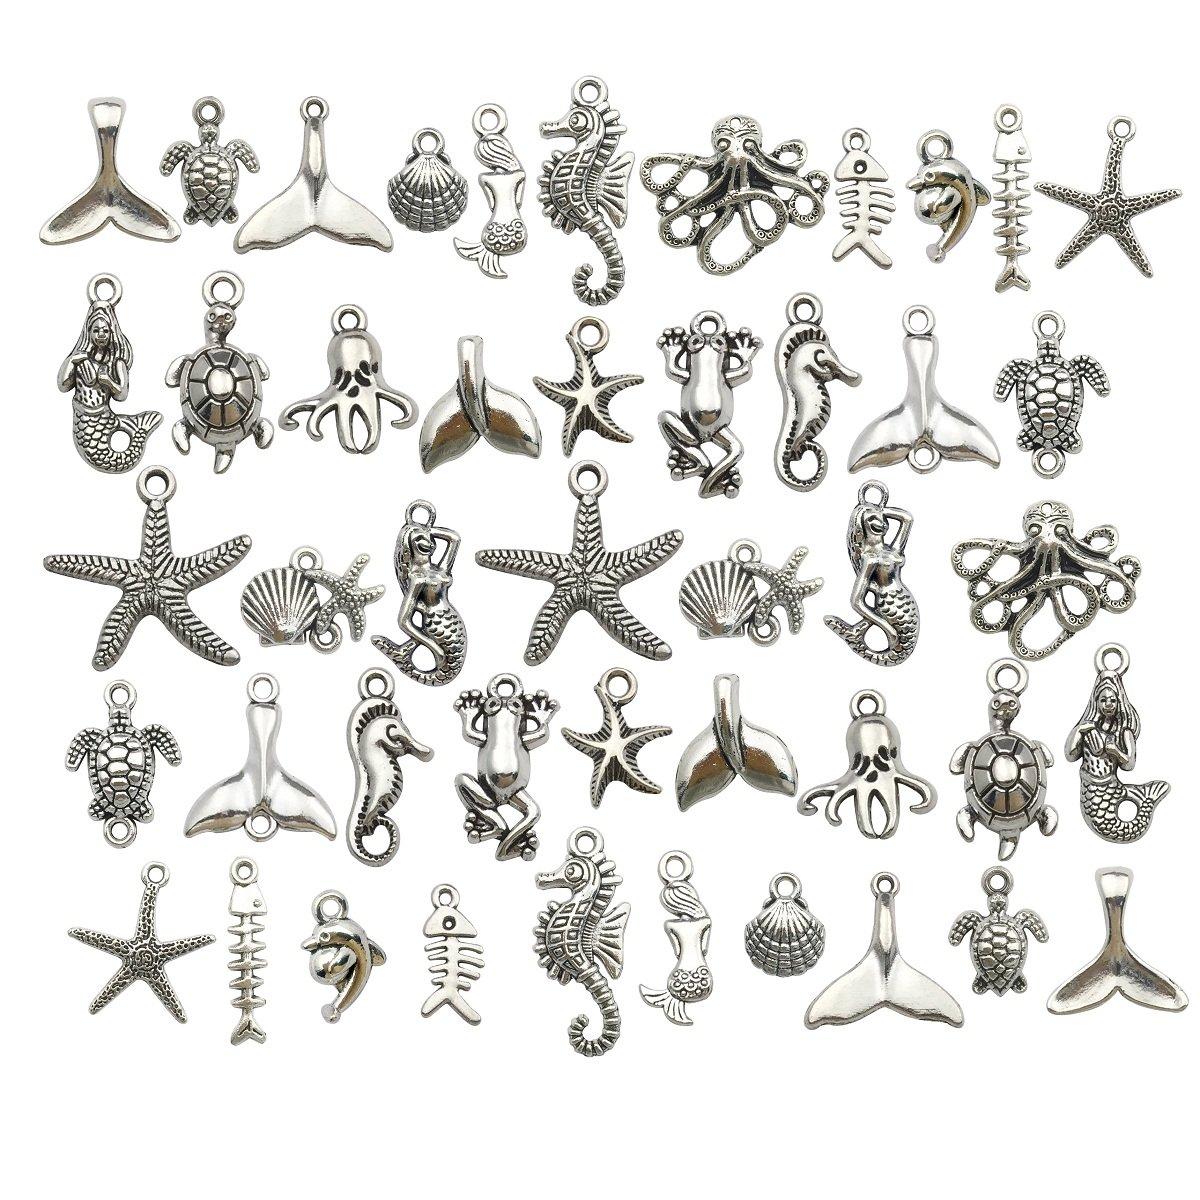 iloveDIYbeads Lot de 90 pendentifs pour Loisirs créatifs, Petits Animaux Marins, Argent Antique et argenté, pour création de Bijoux, Accessoire pour Bricolage de Colliers, Bracelets (Bleu Marine)